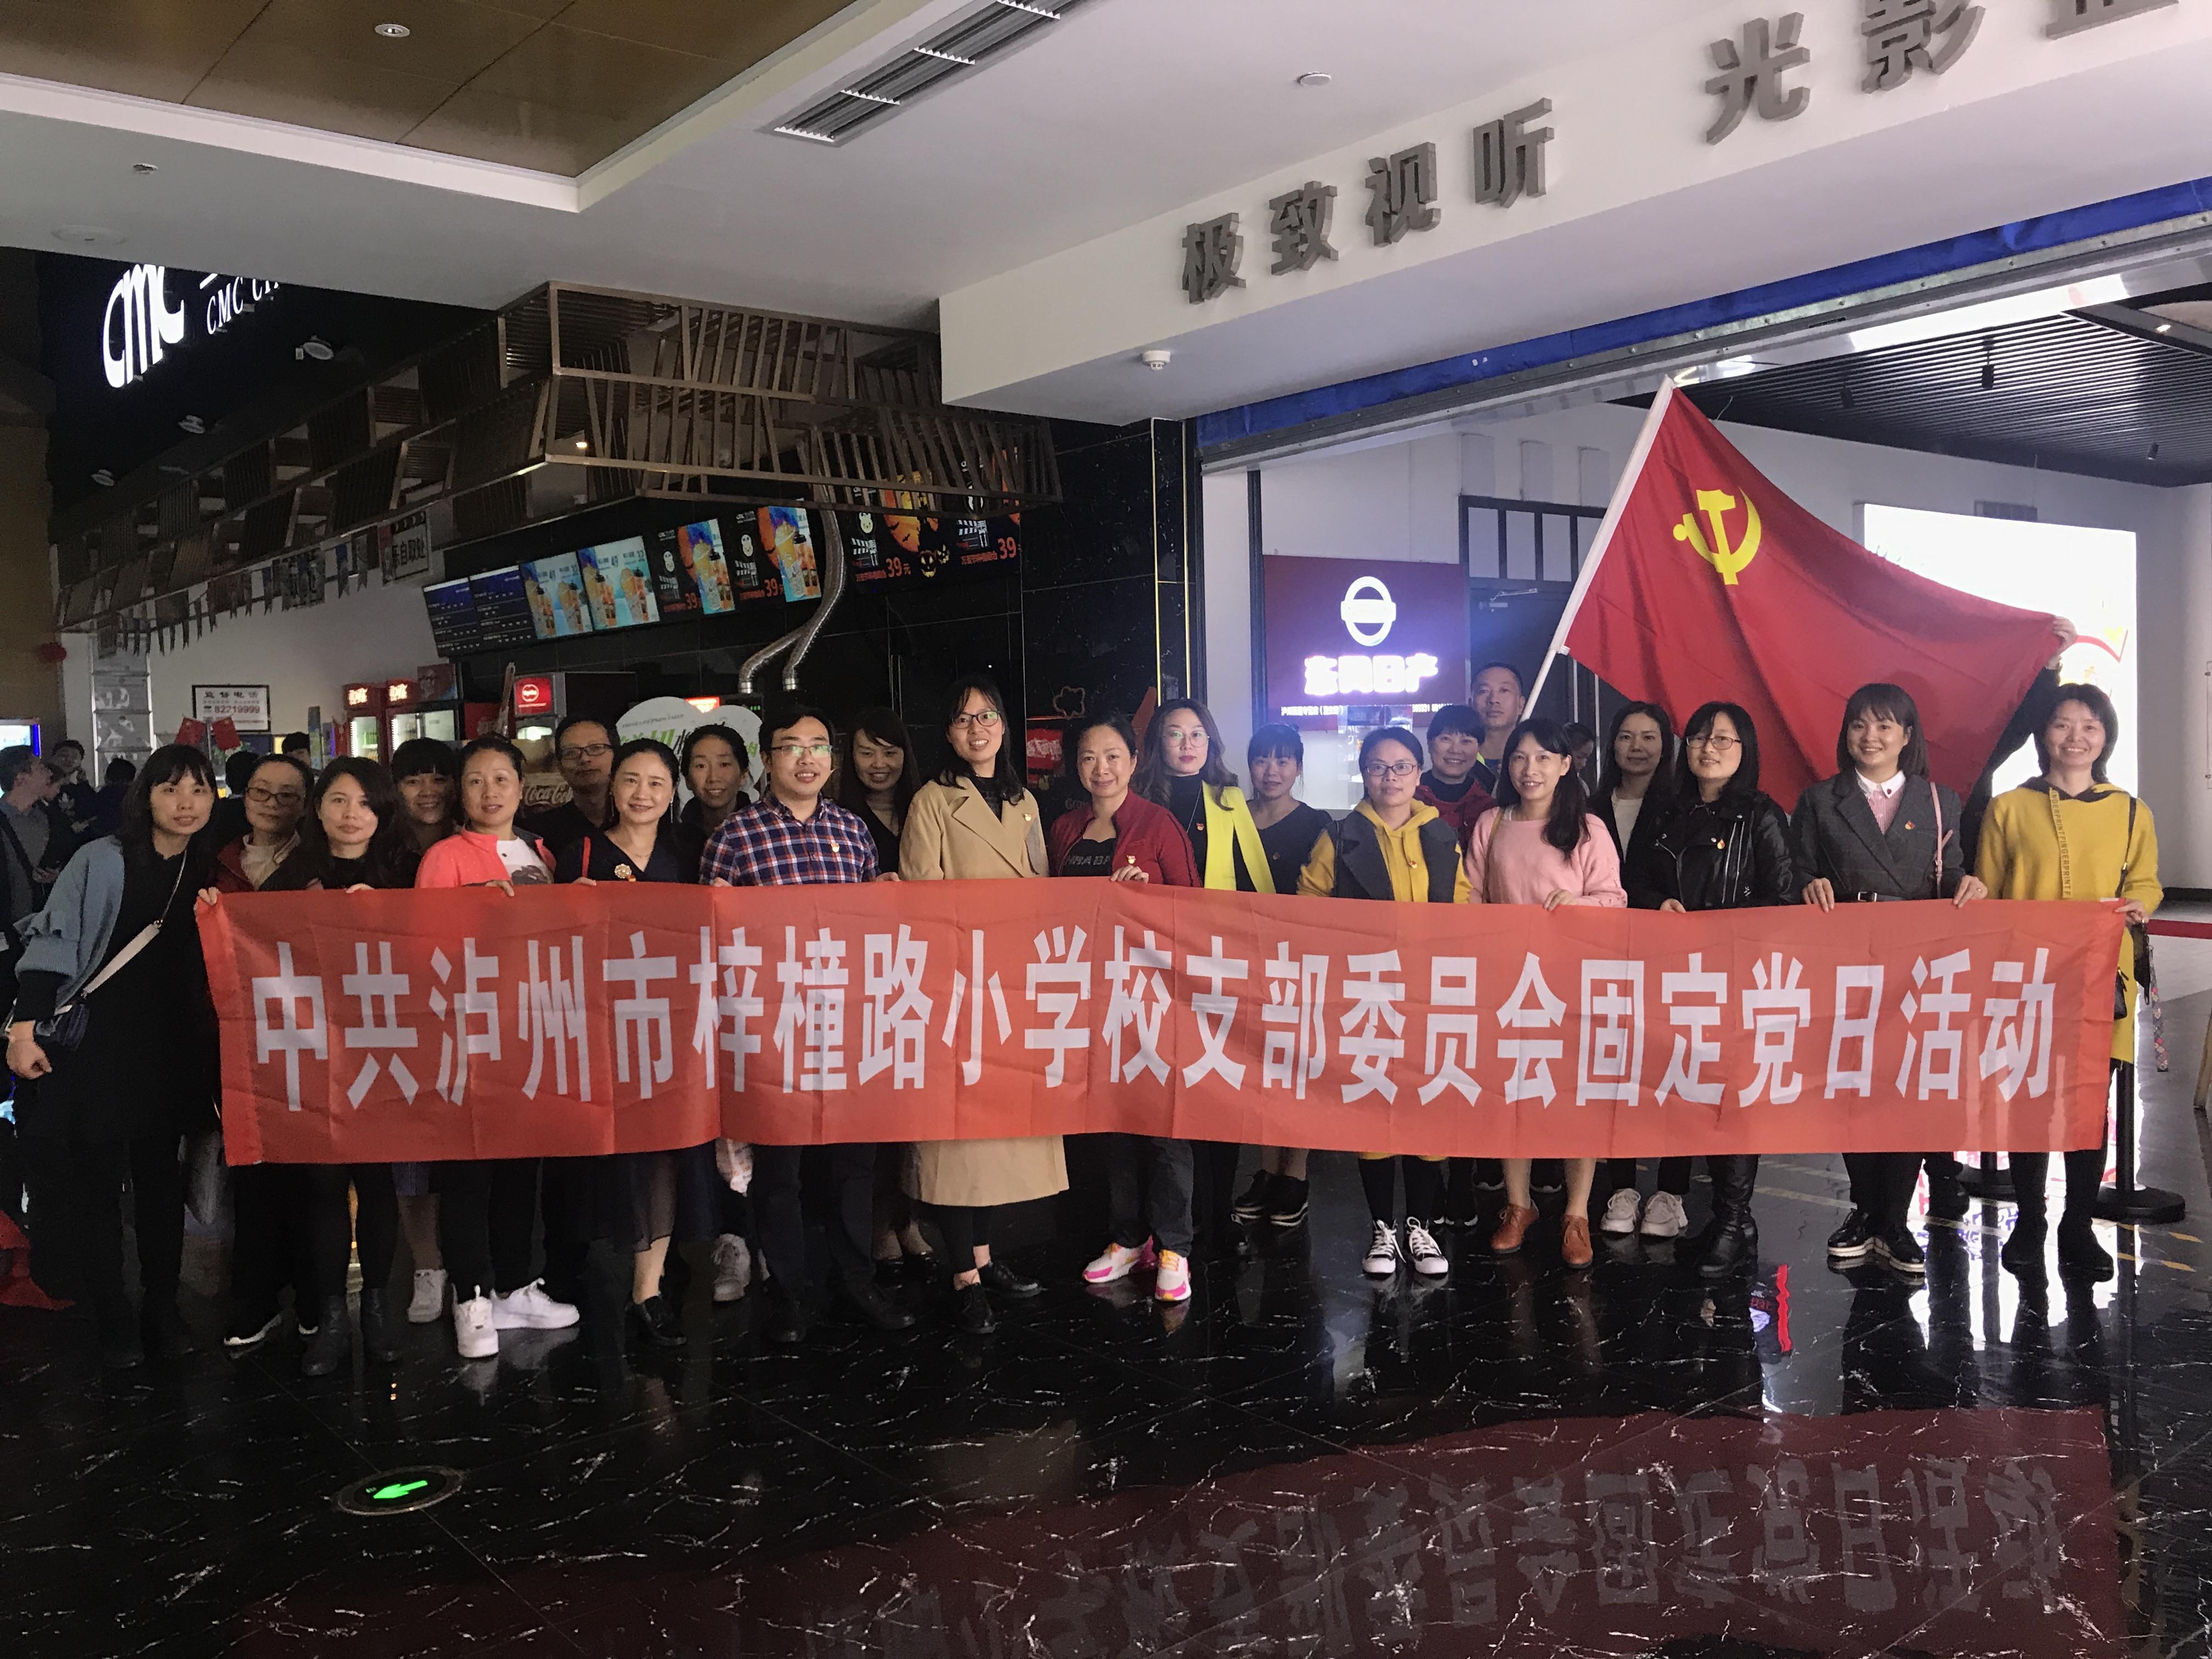 泸州市梓橦路小学校党支部举办党员固体